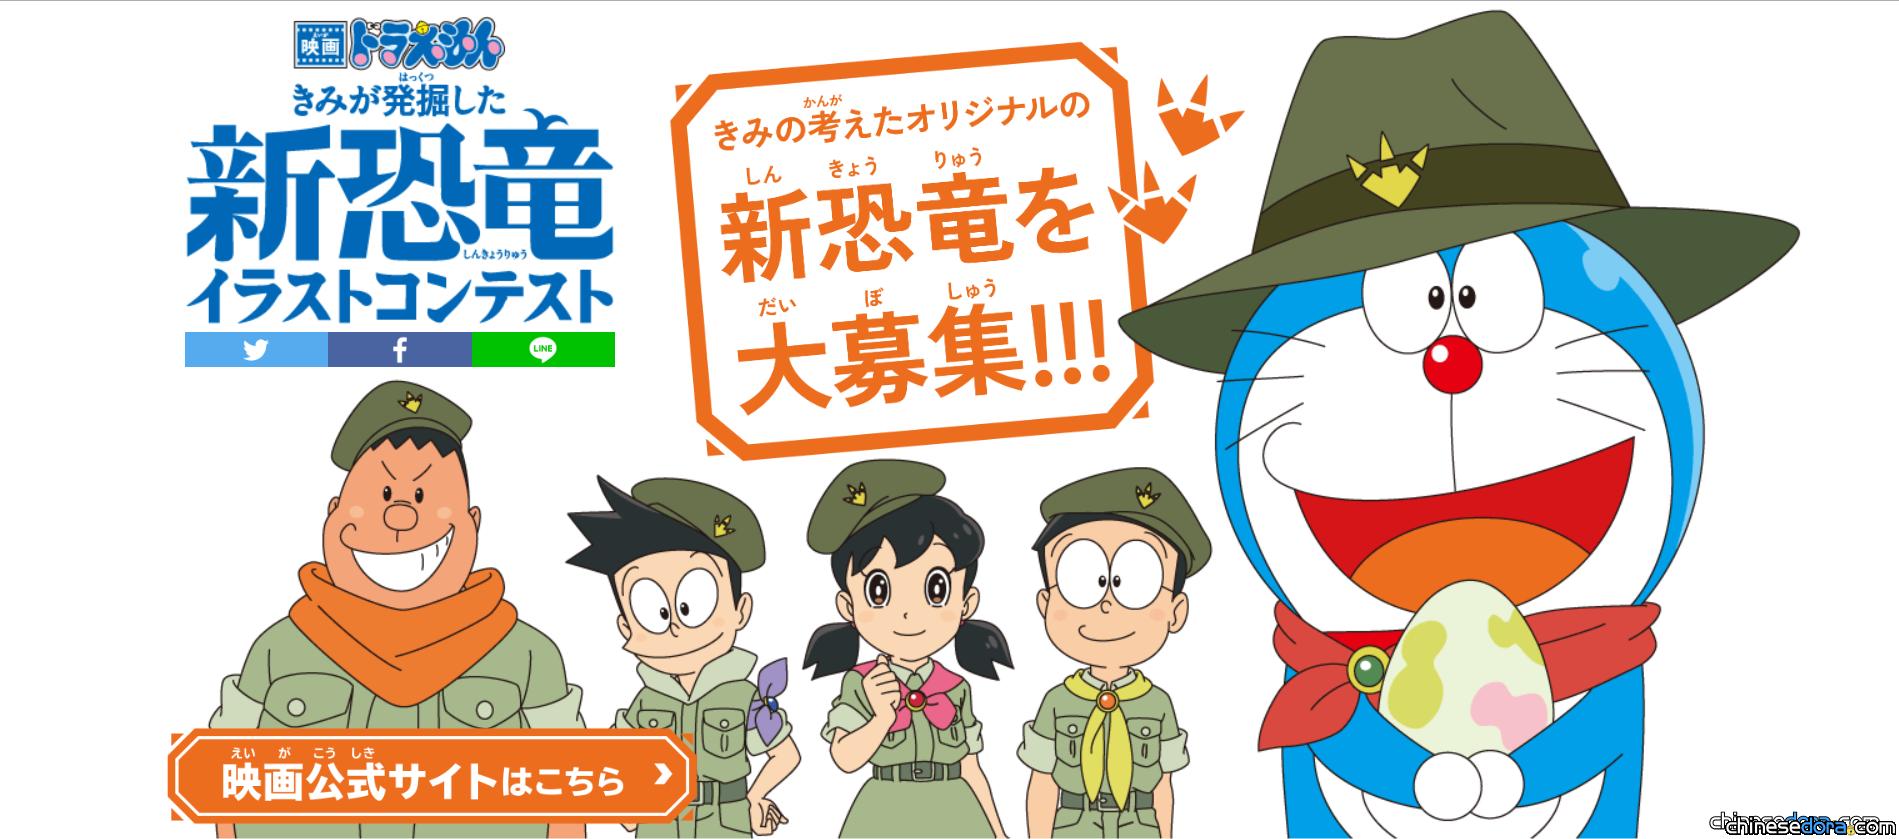 [日本]《電影哆啦A夢:大雄的新恐龍》定檔  2020 年 3 月 6 日上映!並舉行「你發掘到的新恐龍」插畫大賽!